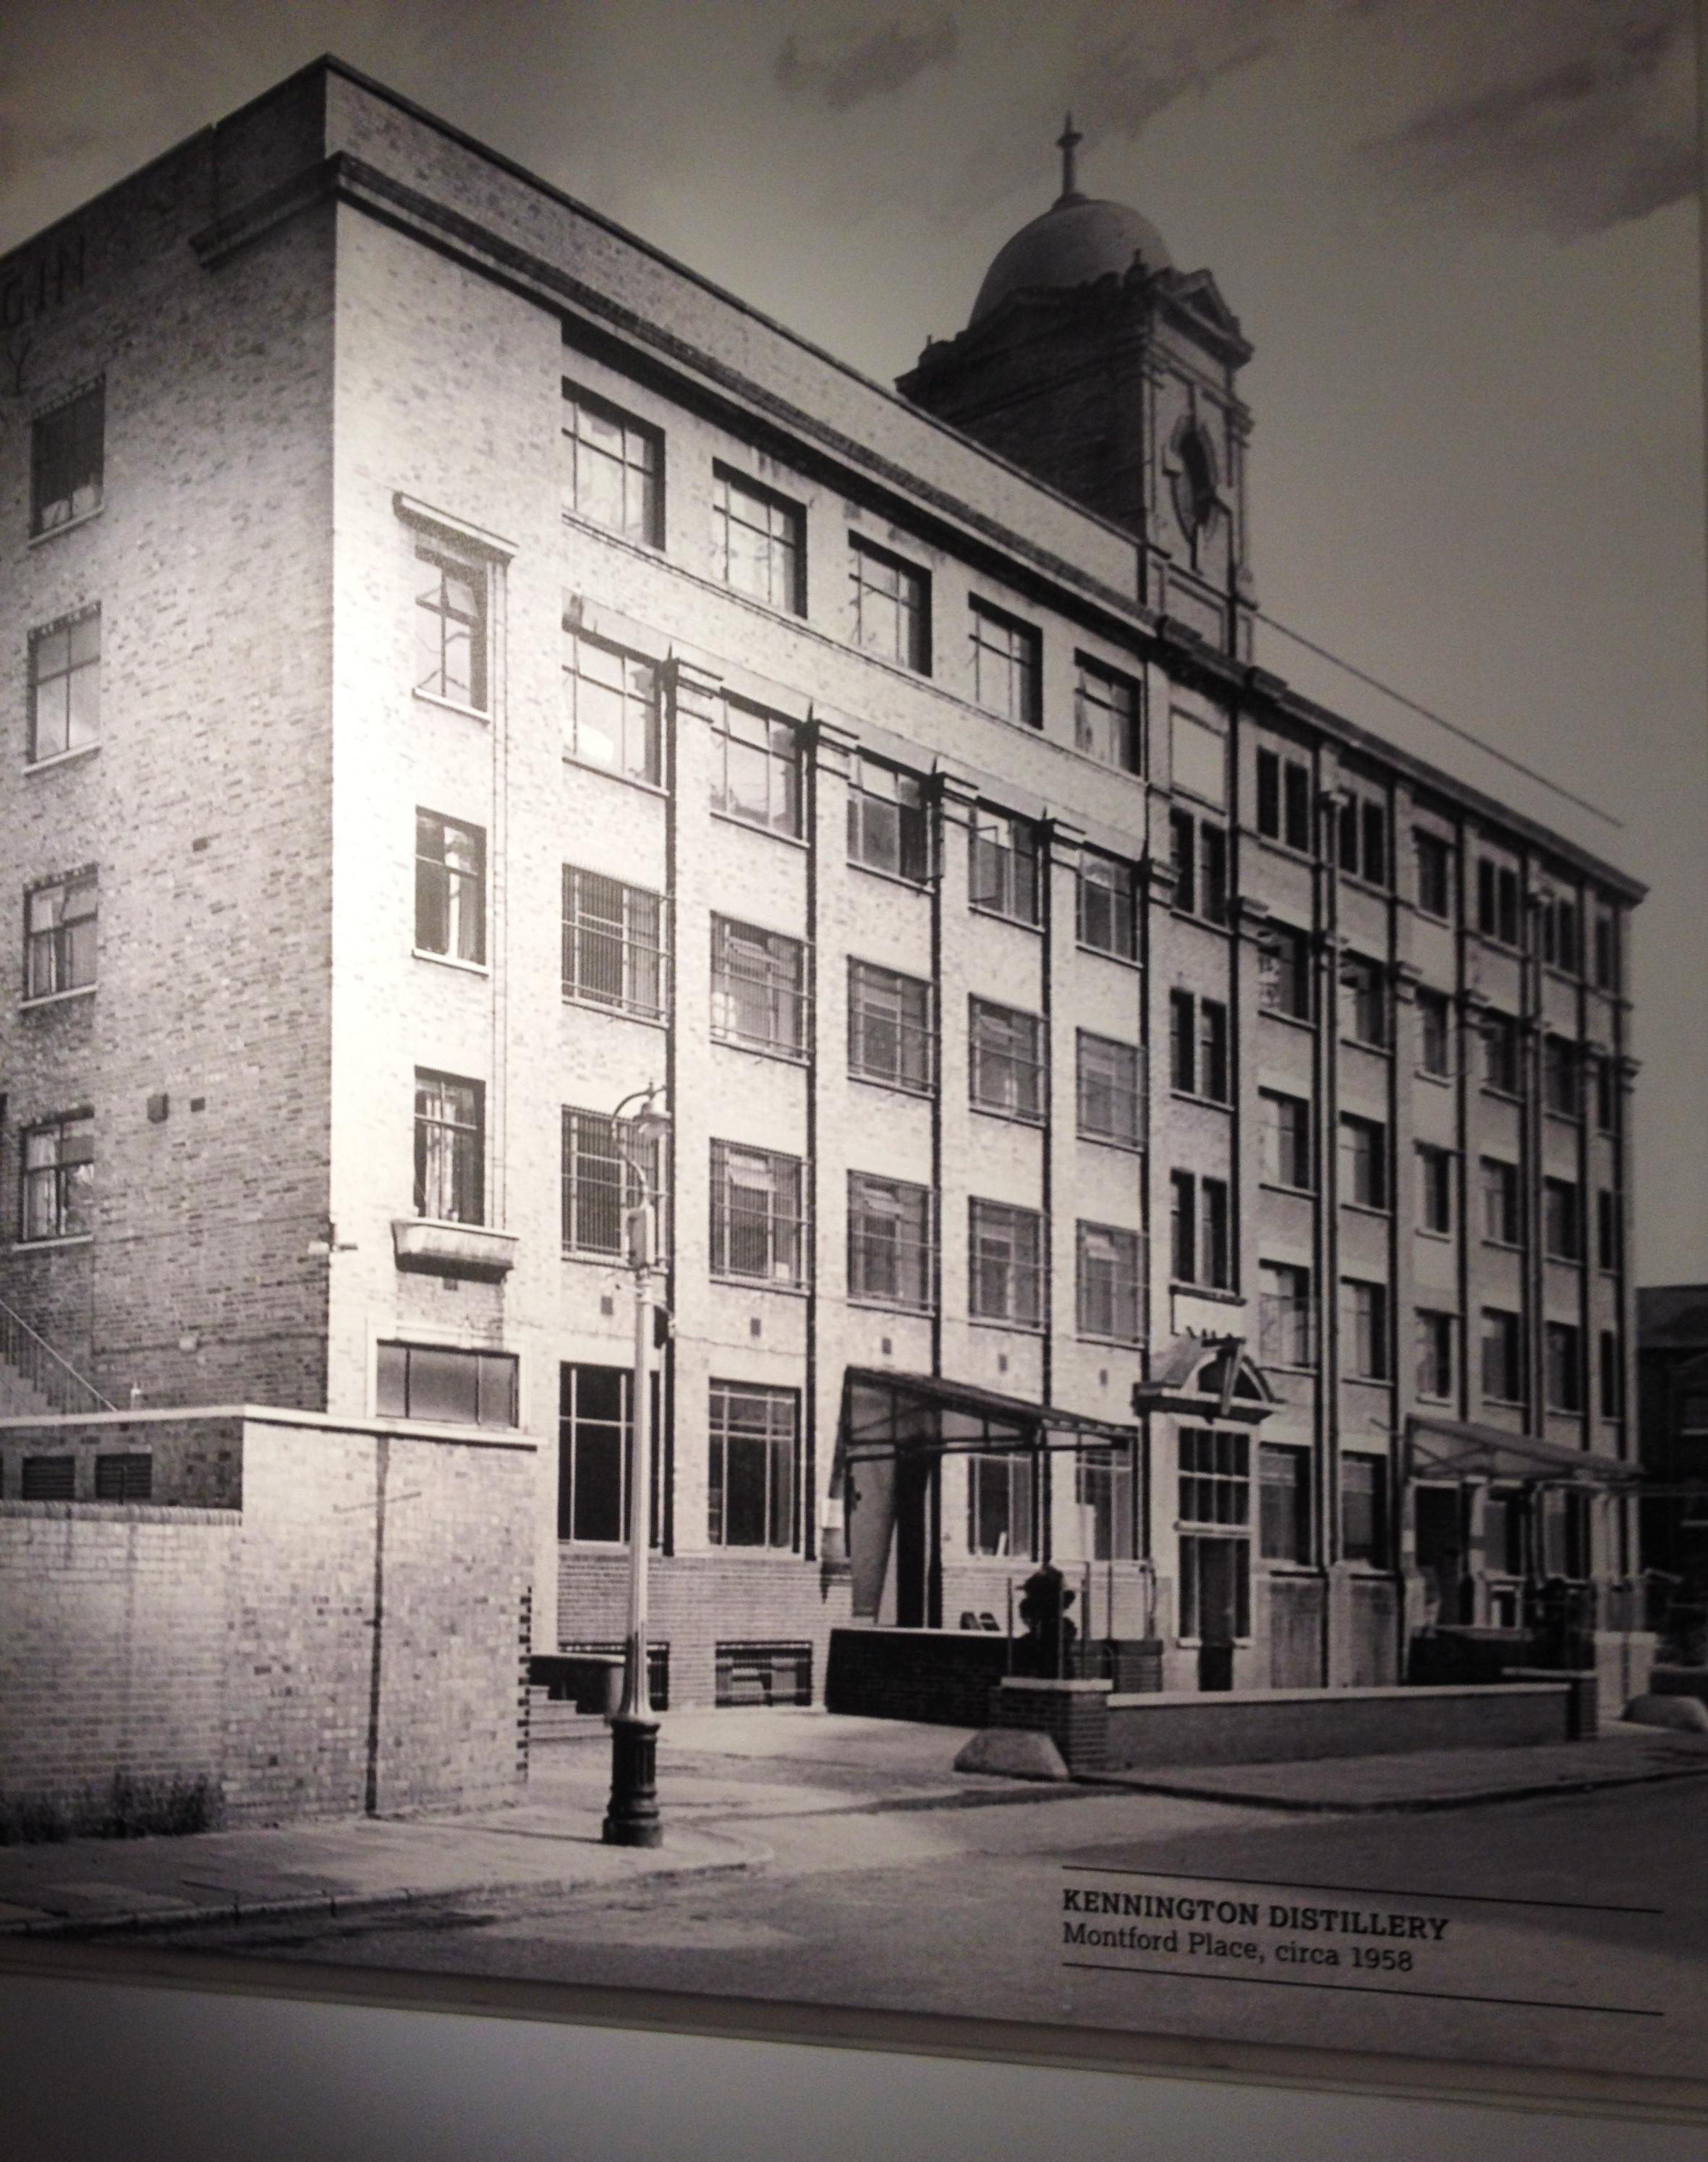 Beefeater gin distillery, 1958 - kenningtonrunoff.com